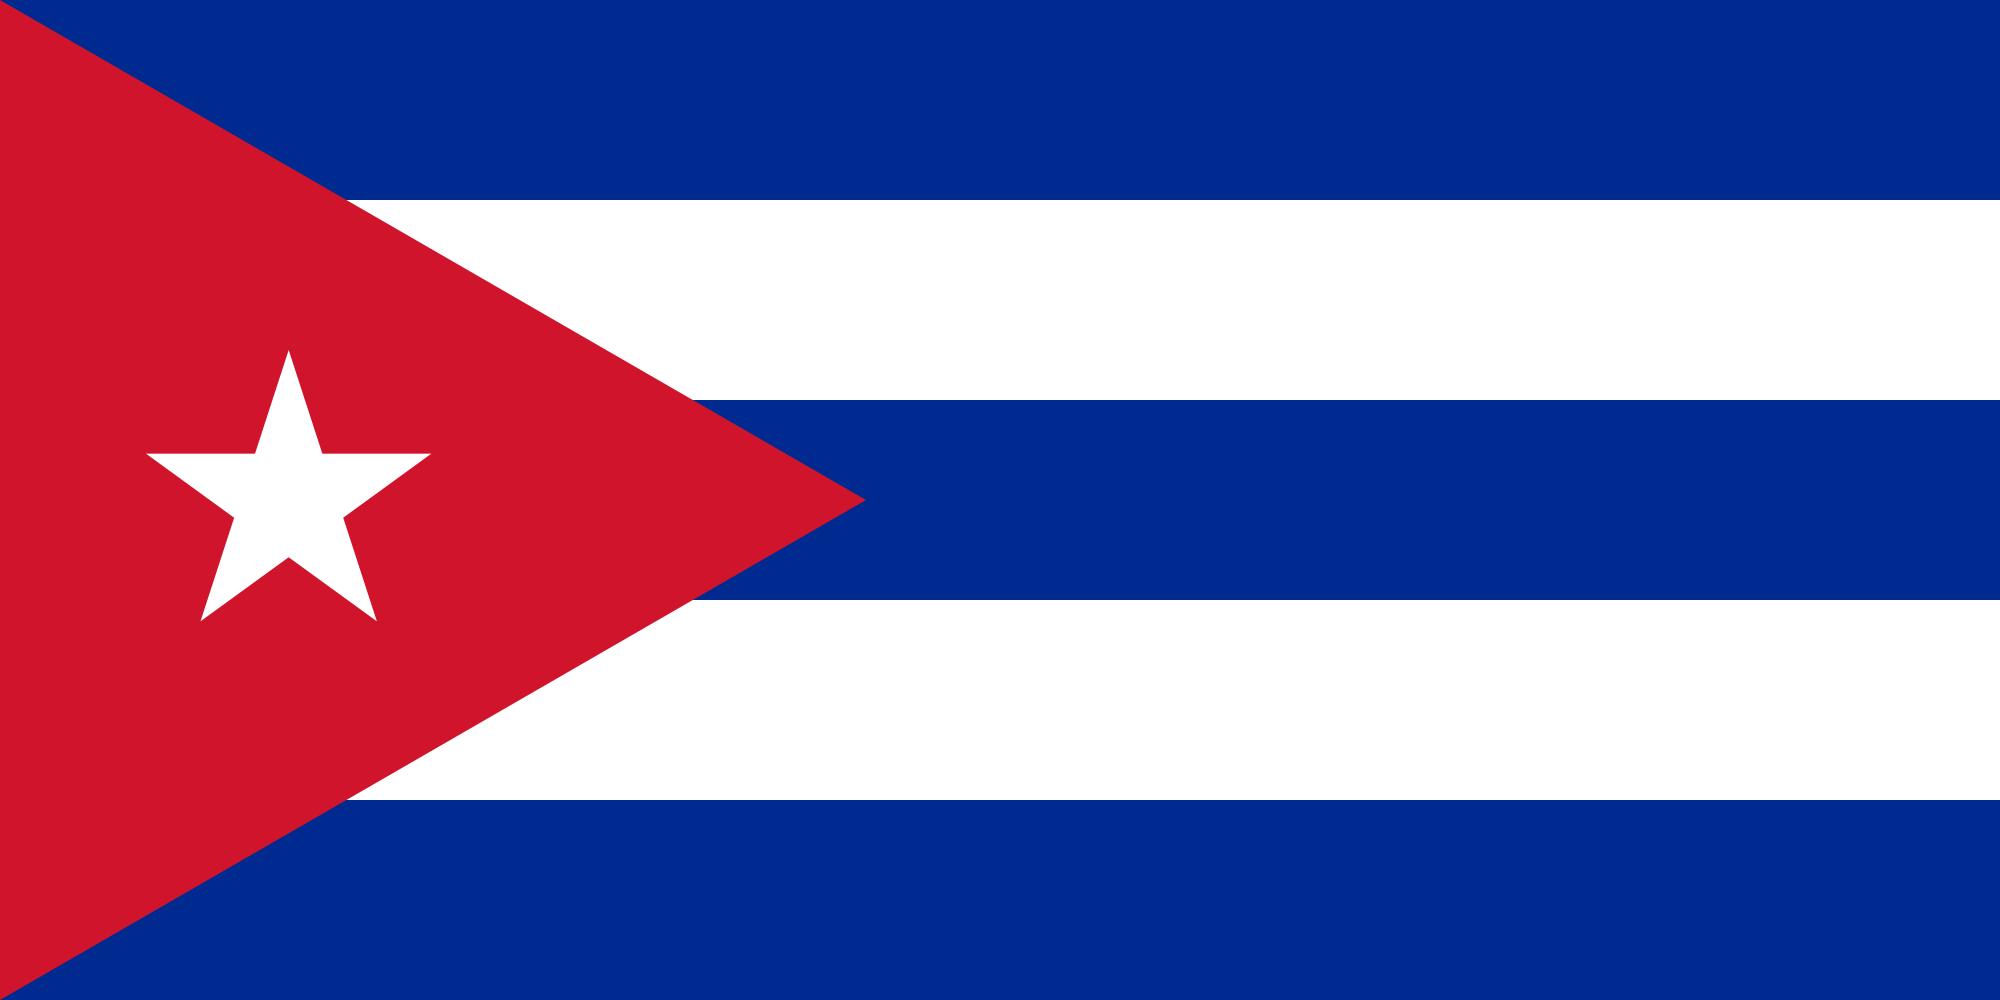 Bandera_Cuba.png